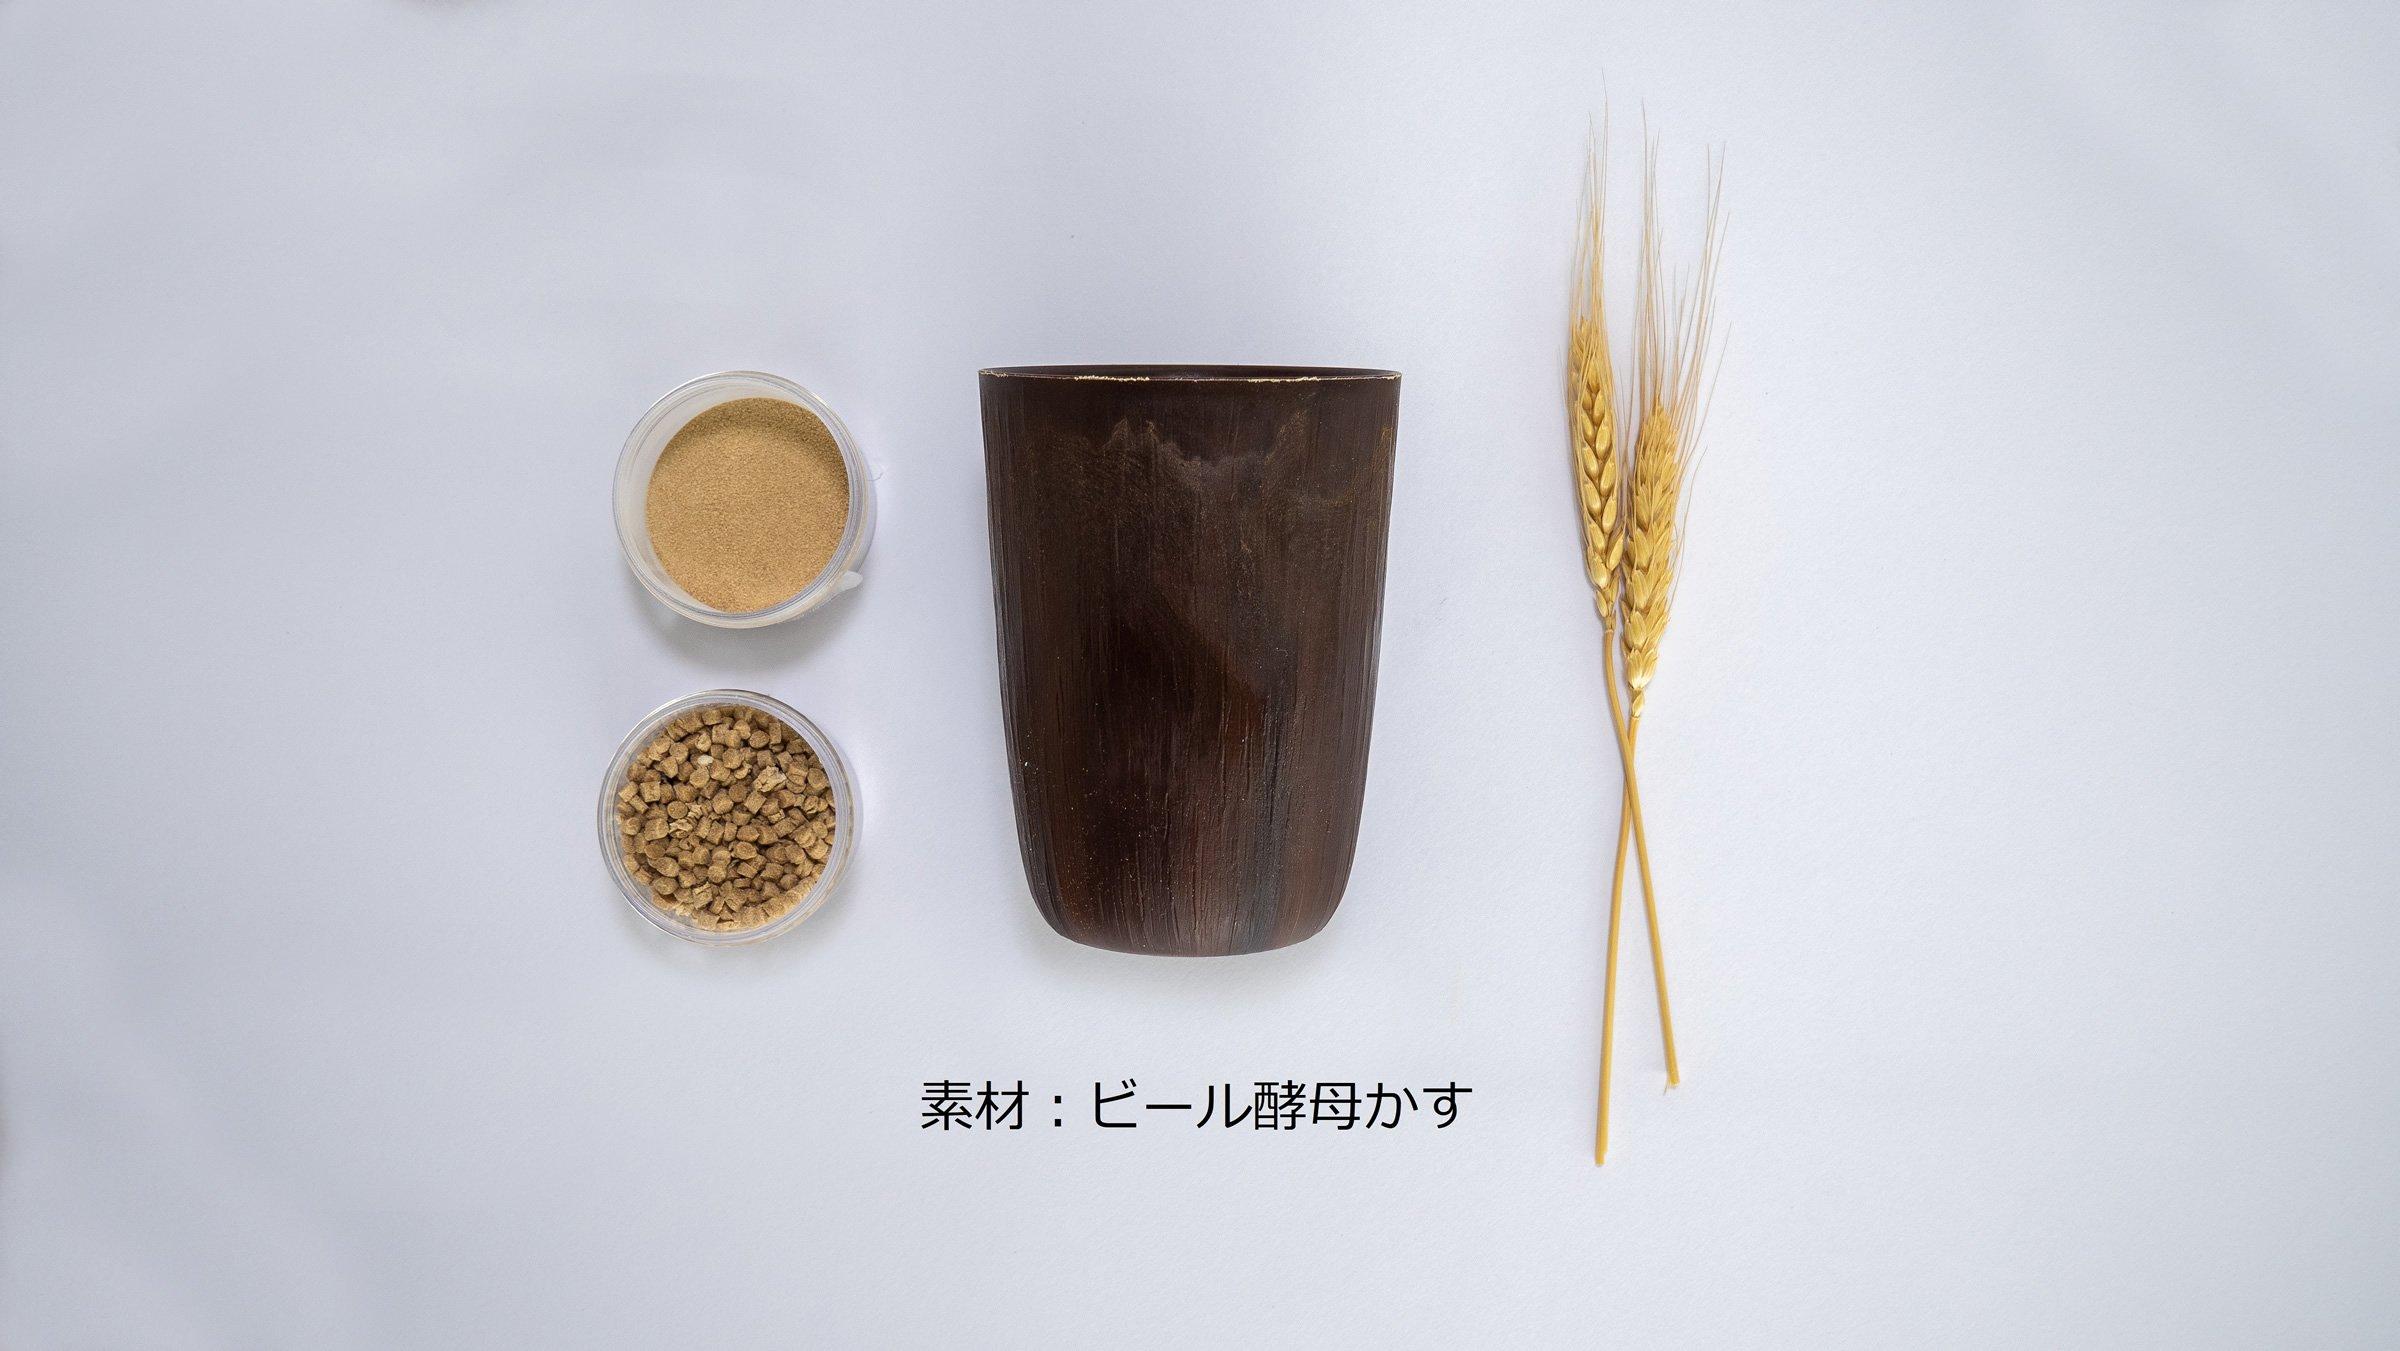 写真:セルロースファイバーを採用したリユースカップ(素材:ビール酵母かす)